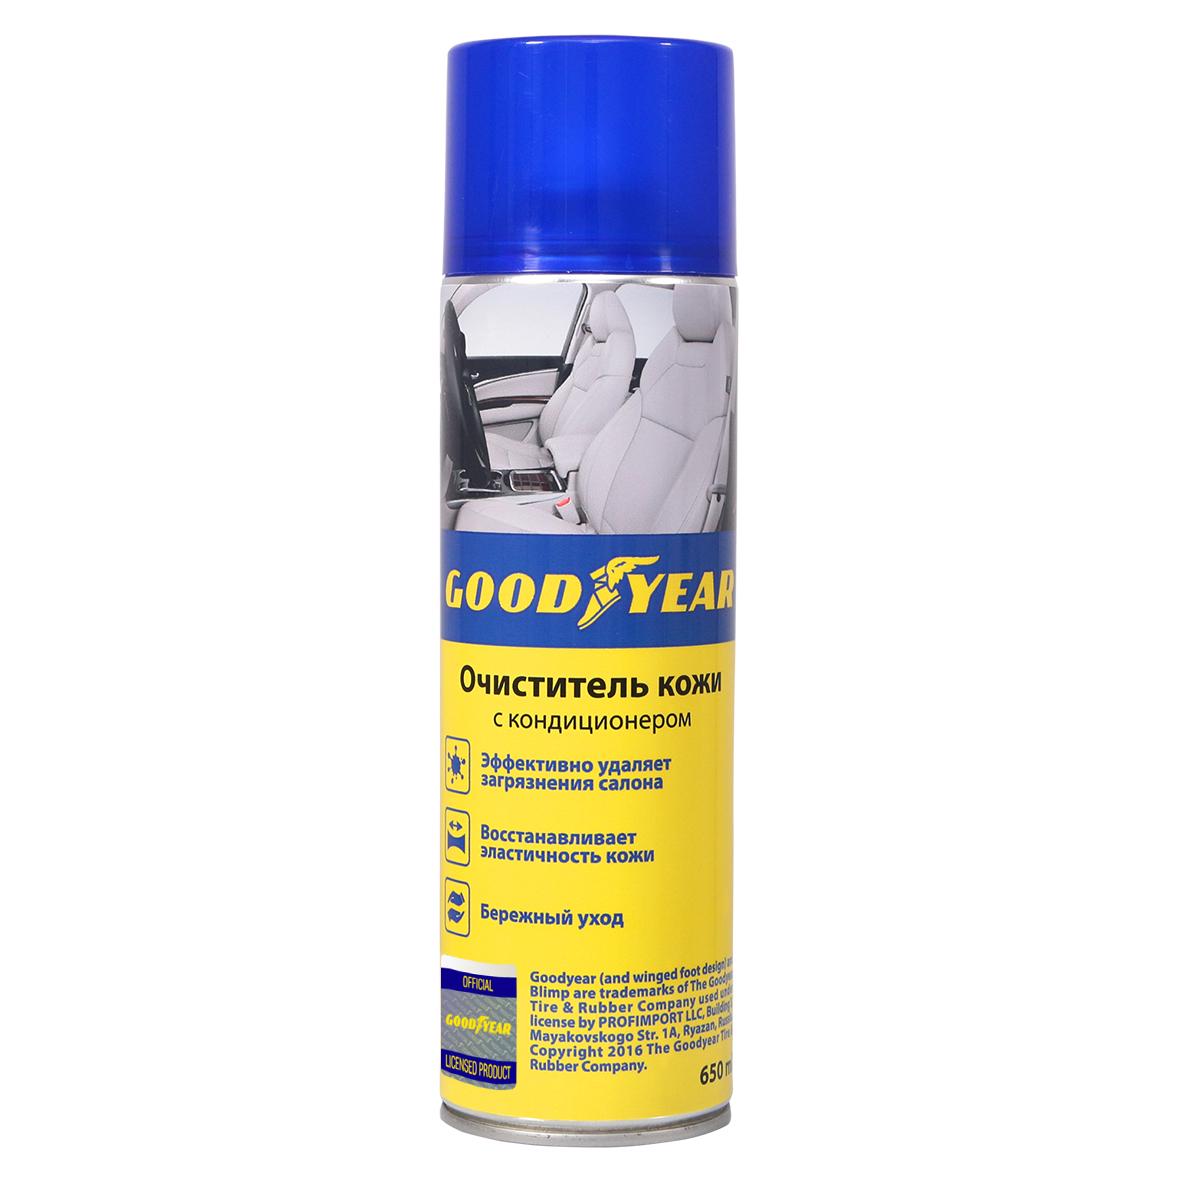 Очиститель Goodyear Gy000710 очиститель кожи goodyear с кондиционером аэрозоль 650 мл